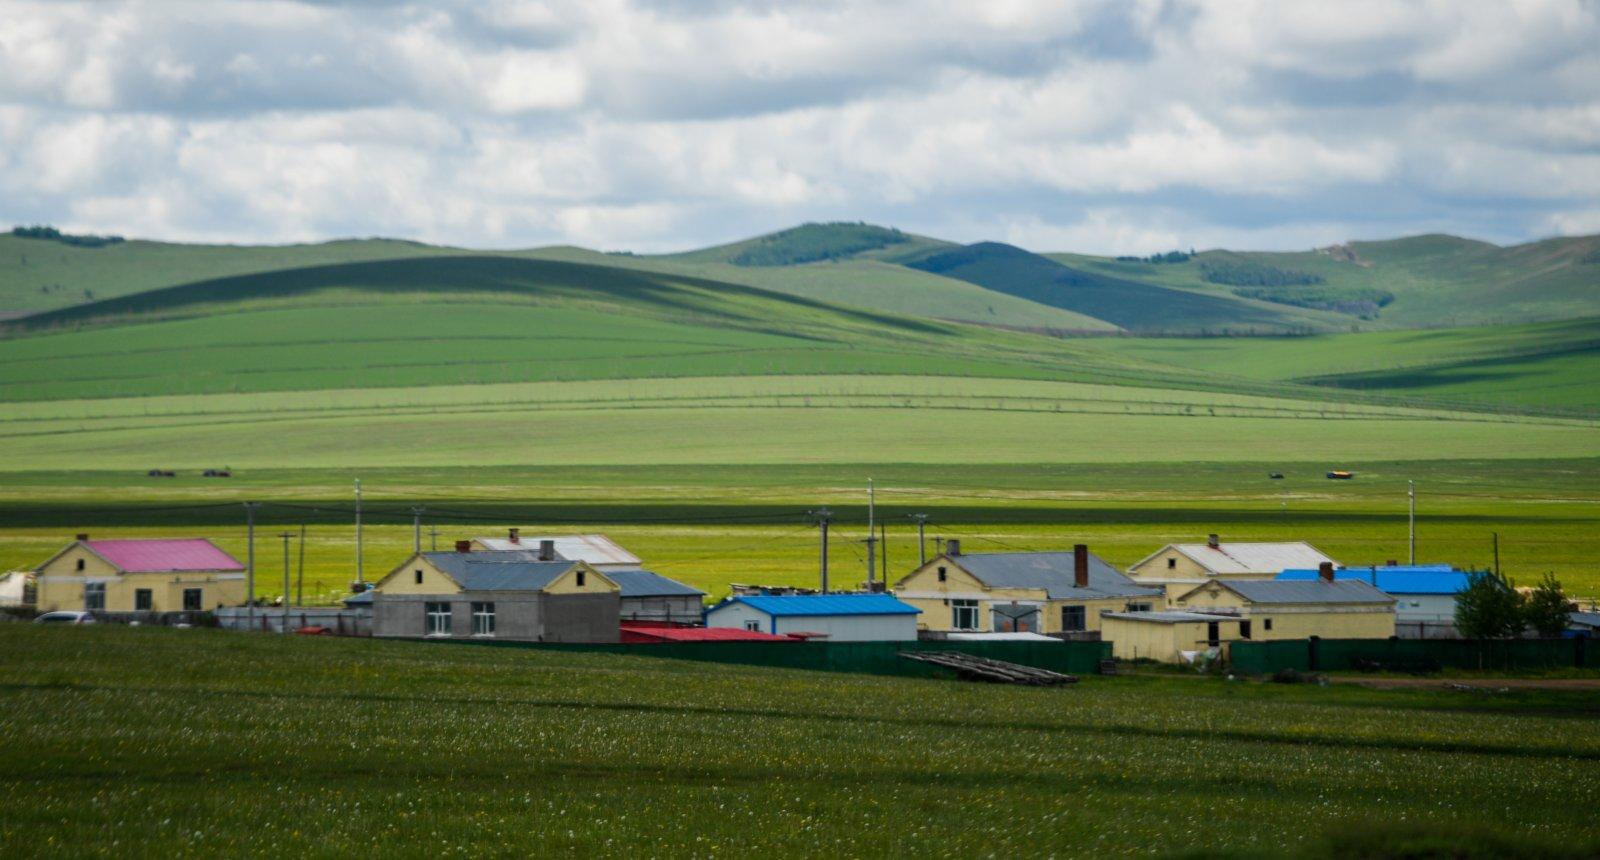 這是內蒙古呼倫貝爾332國道旁的森林草原風光(6月10日攝)。(新華社)